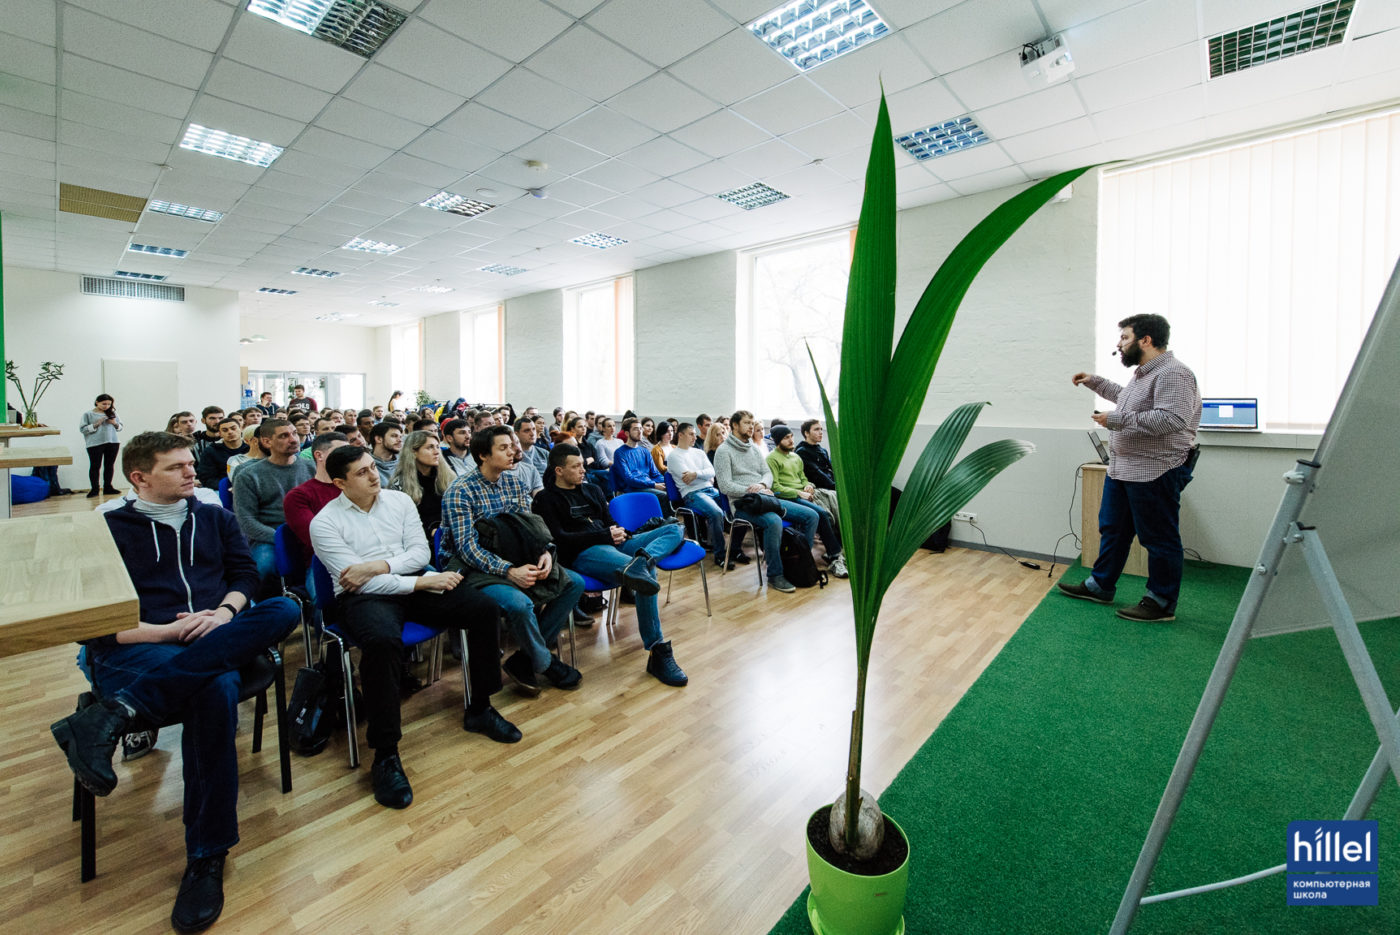 События: Открытая встреча «Хочу в IT. С чего начать» в Киеве